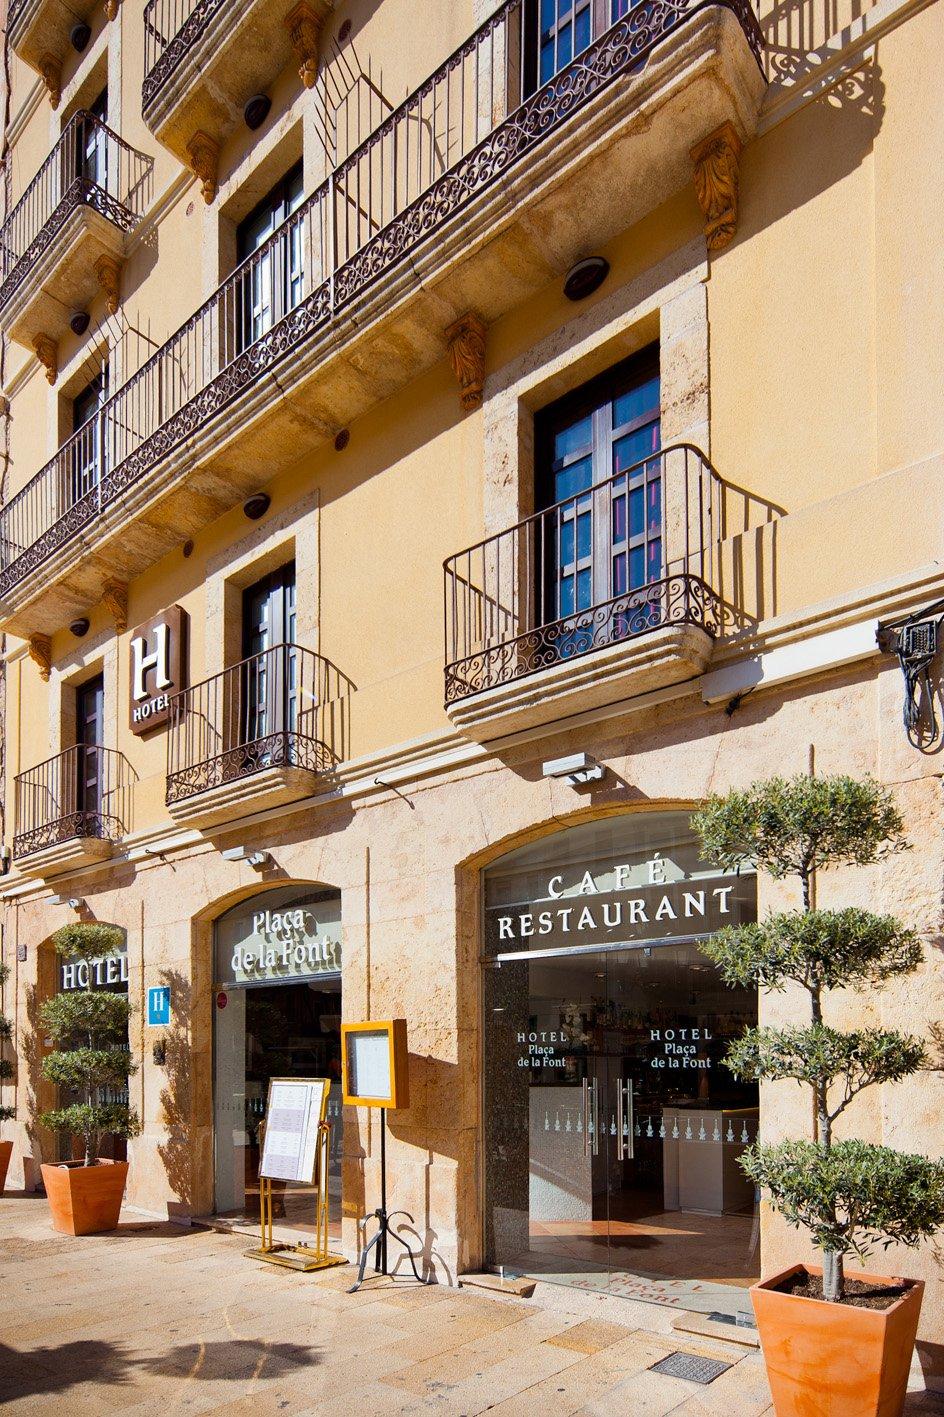 hotel_la_fontnombre_del_documento_14-d8644643fb8081c1a5ad9e905aa052f8